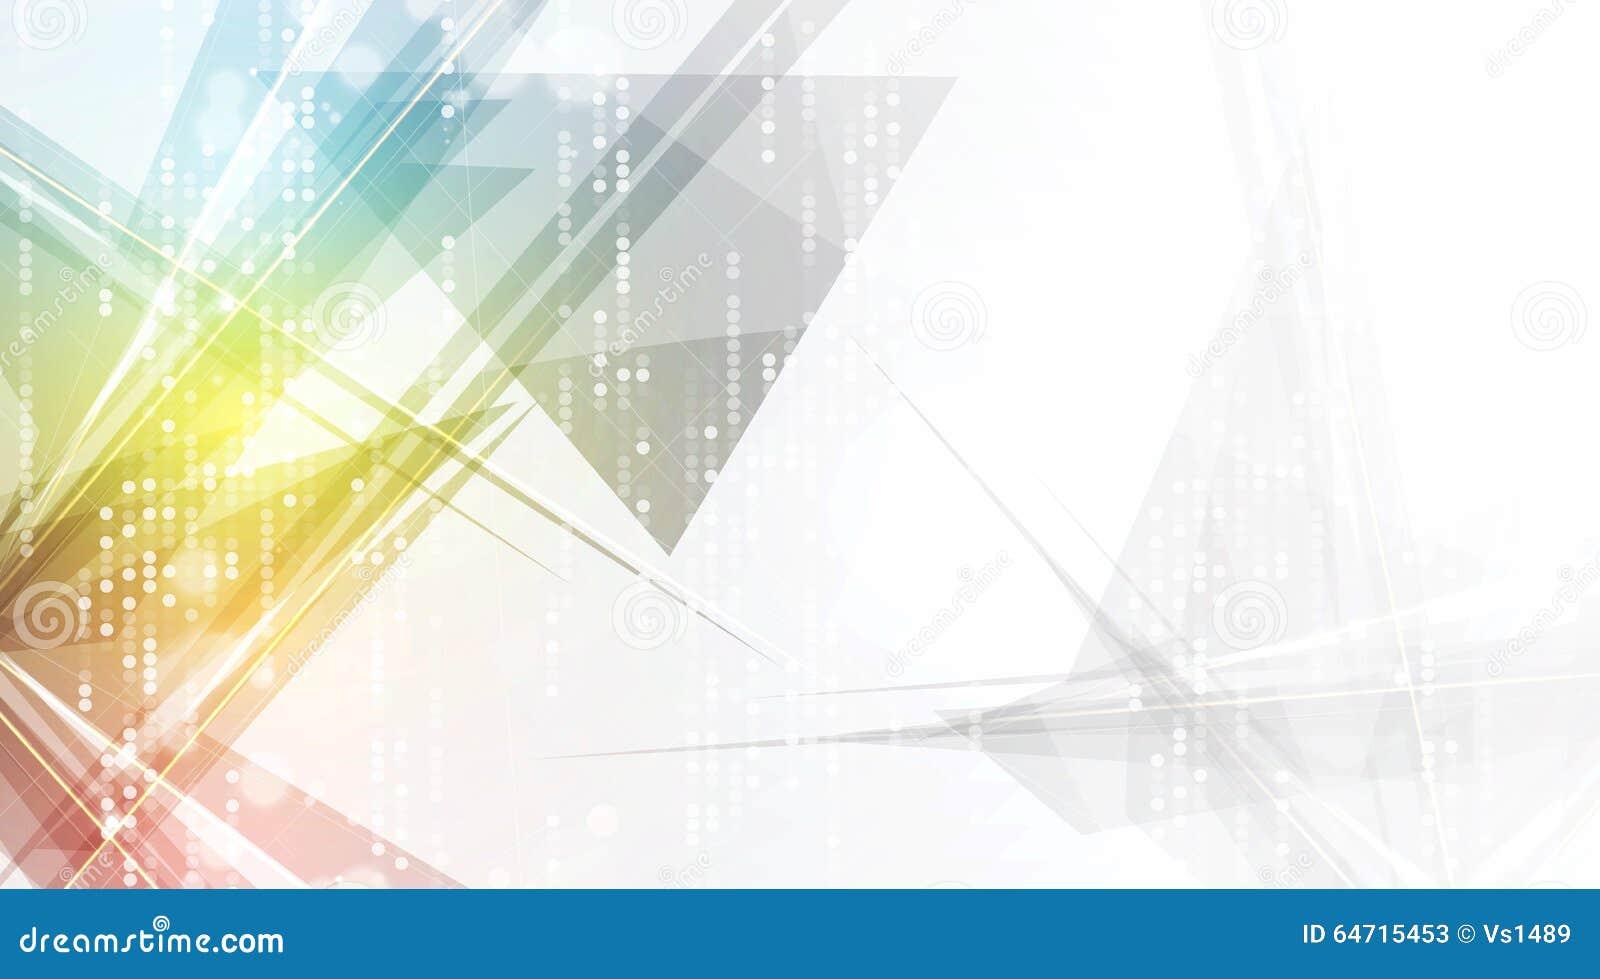 Futuristas abstractos se descoloran fondo del negocio de la informática